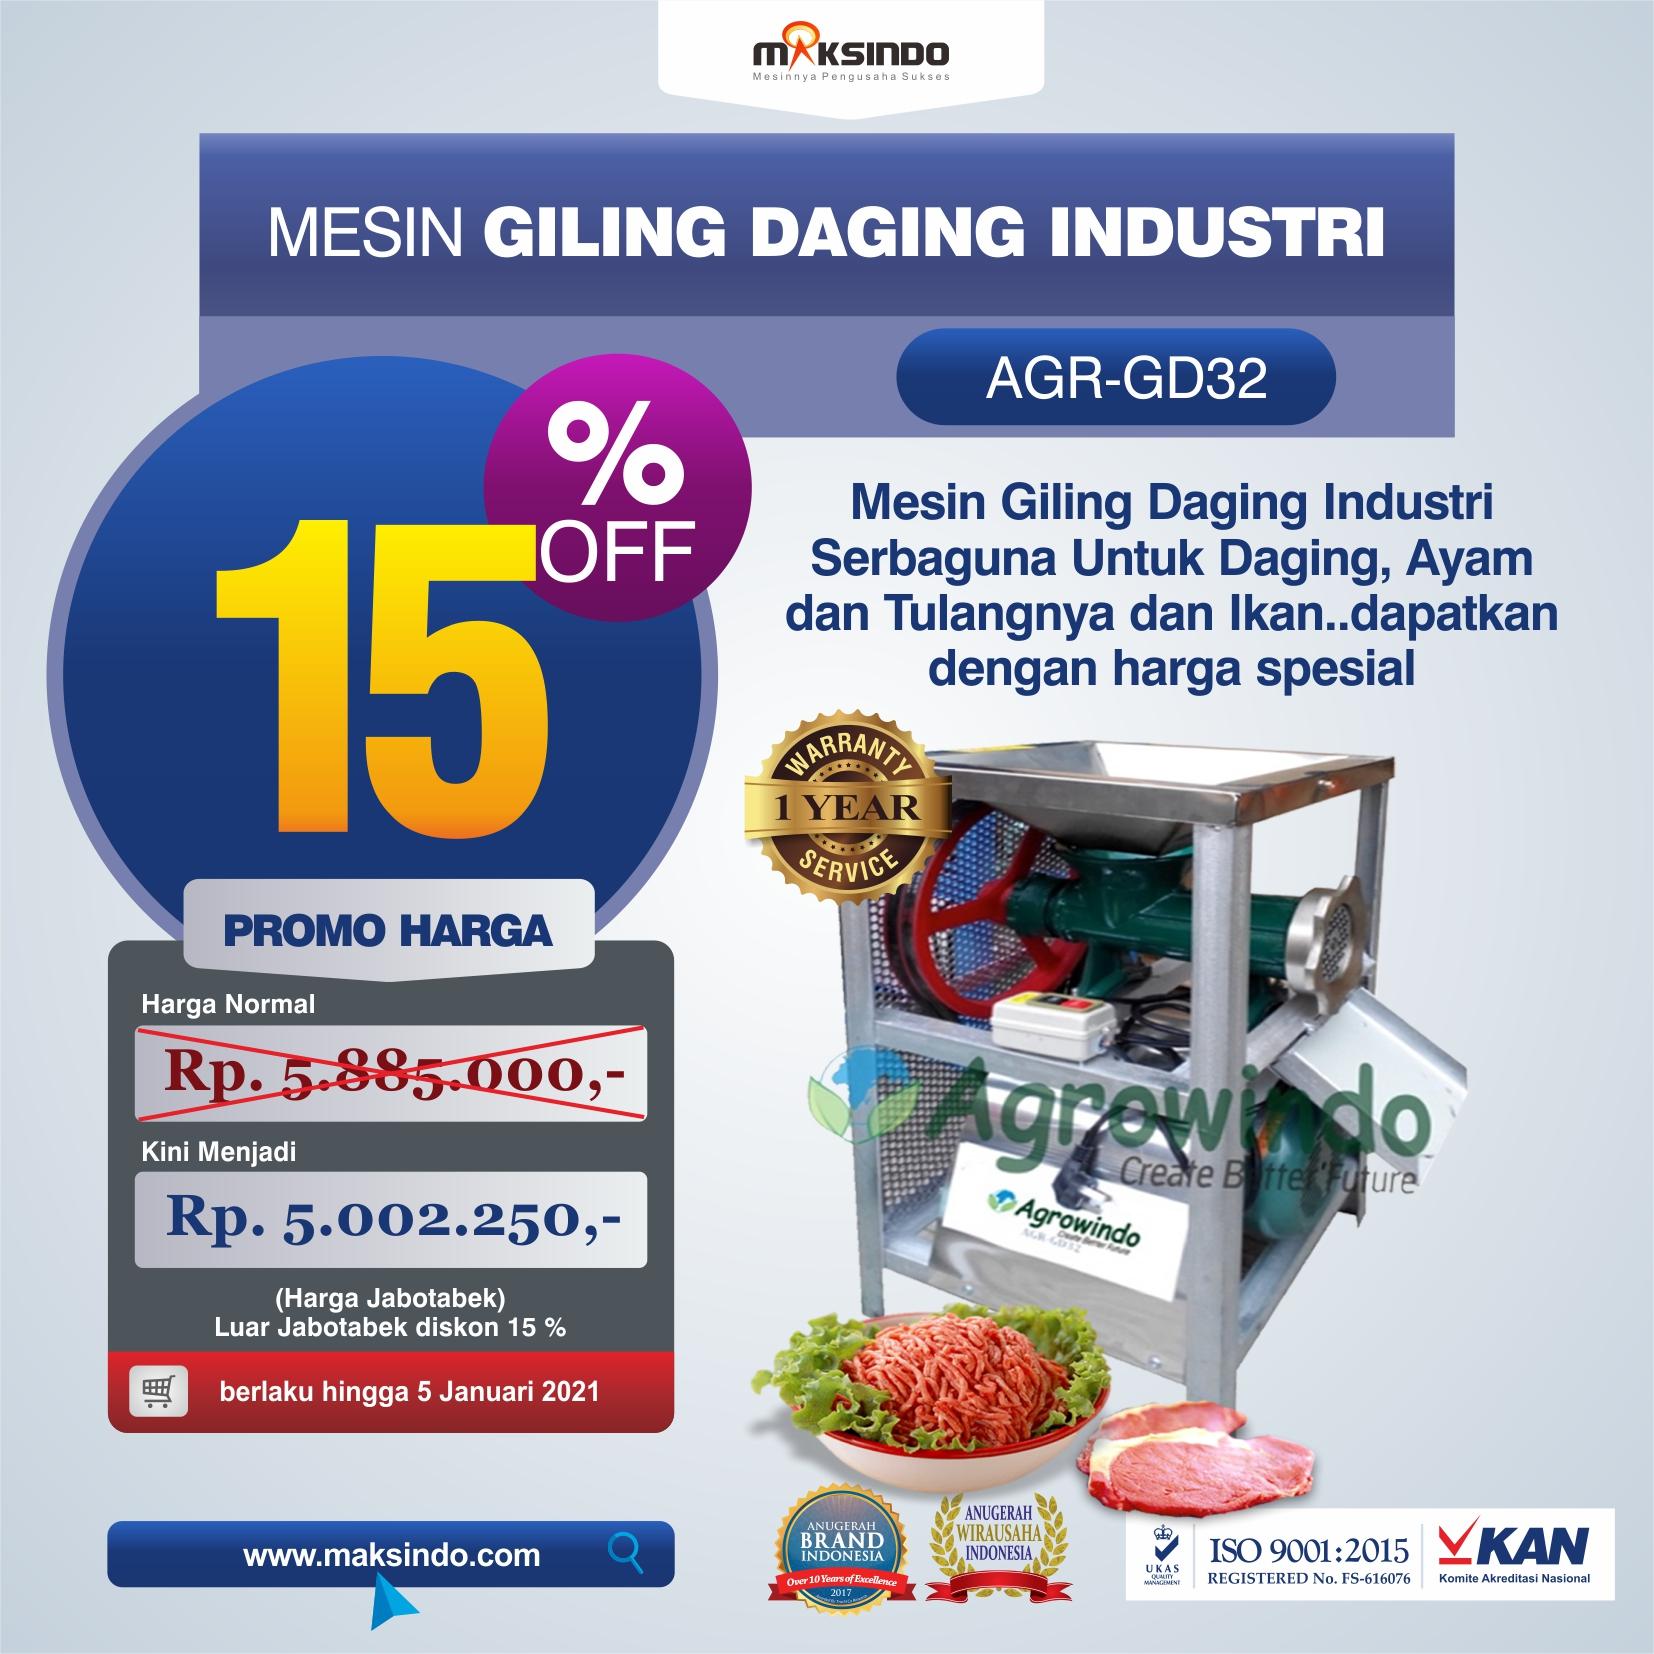 Jual Mesin Giling Daging Industri (AGR-GD32) di Malang